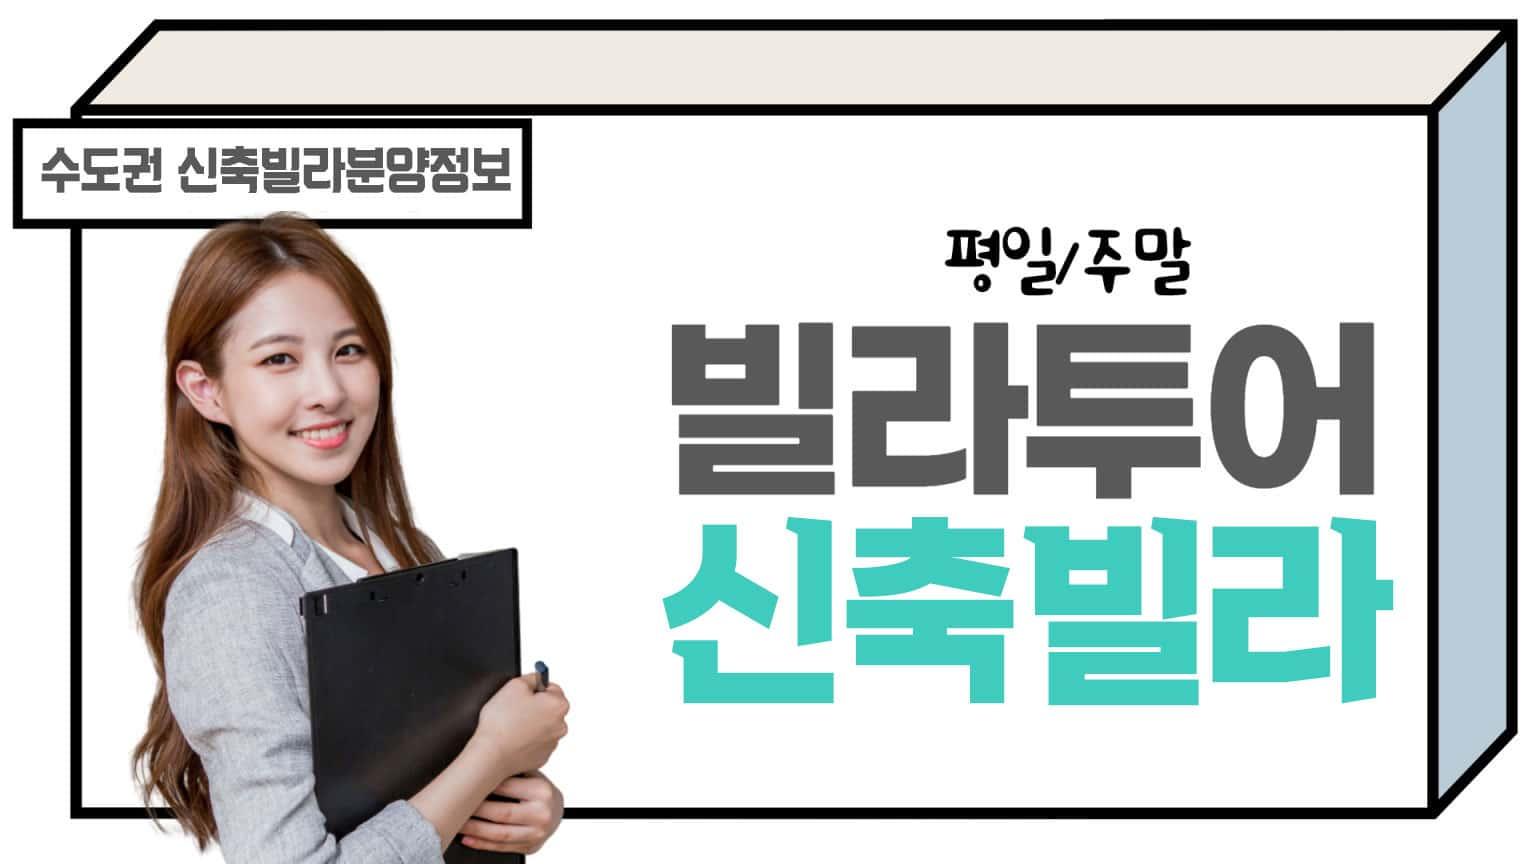 서울 인천 부천 일산 고양 파주 신축빌라 분양정보